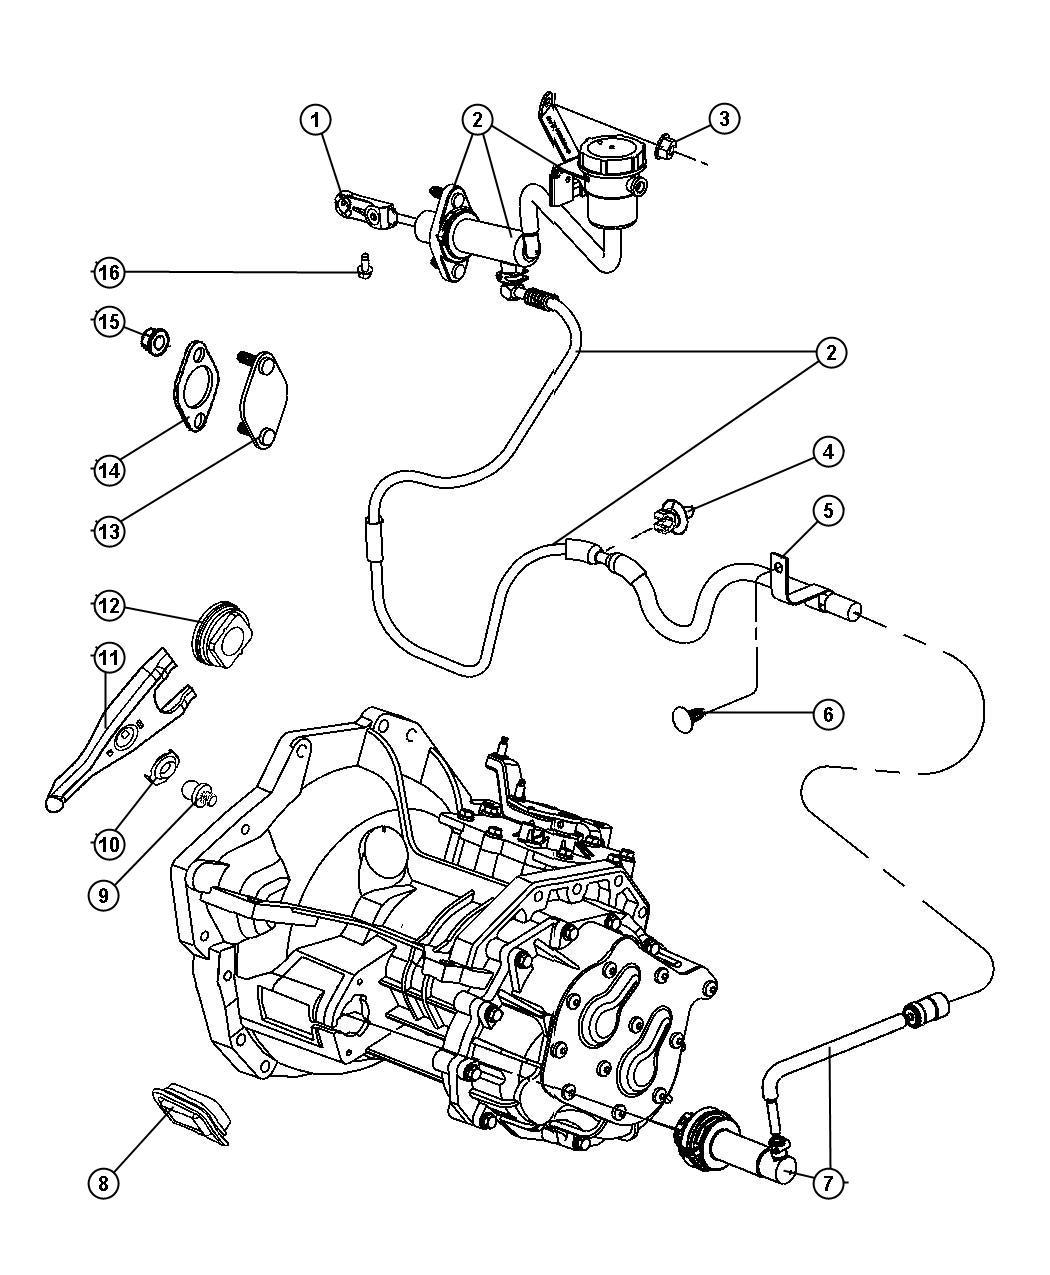 2004 Dodge Neon Cylinder. Clutch master. Transmission